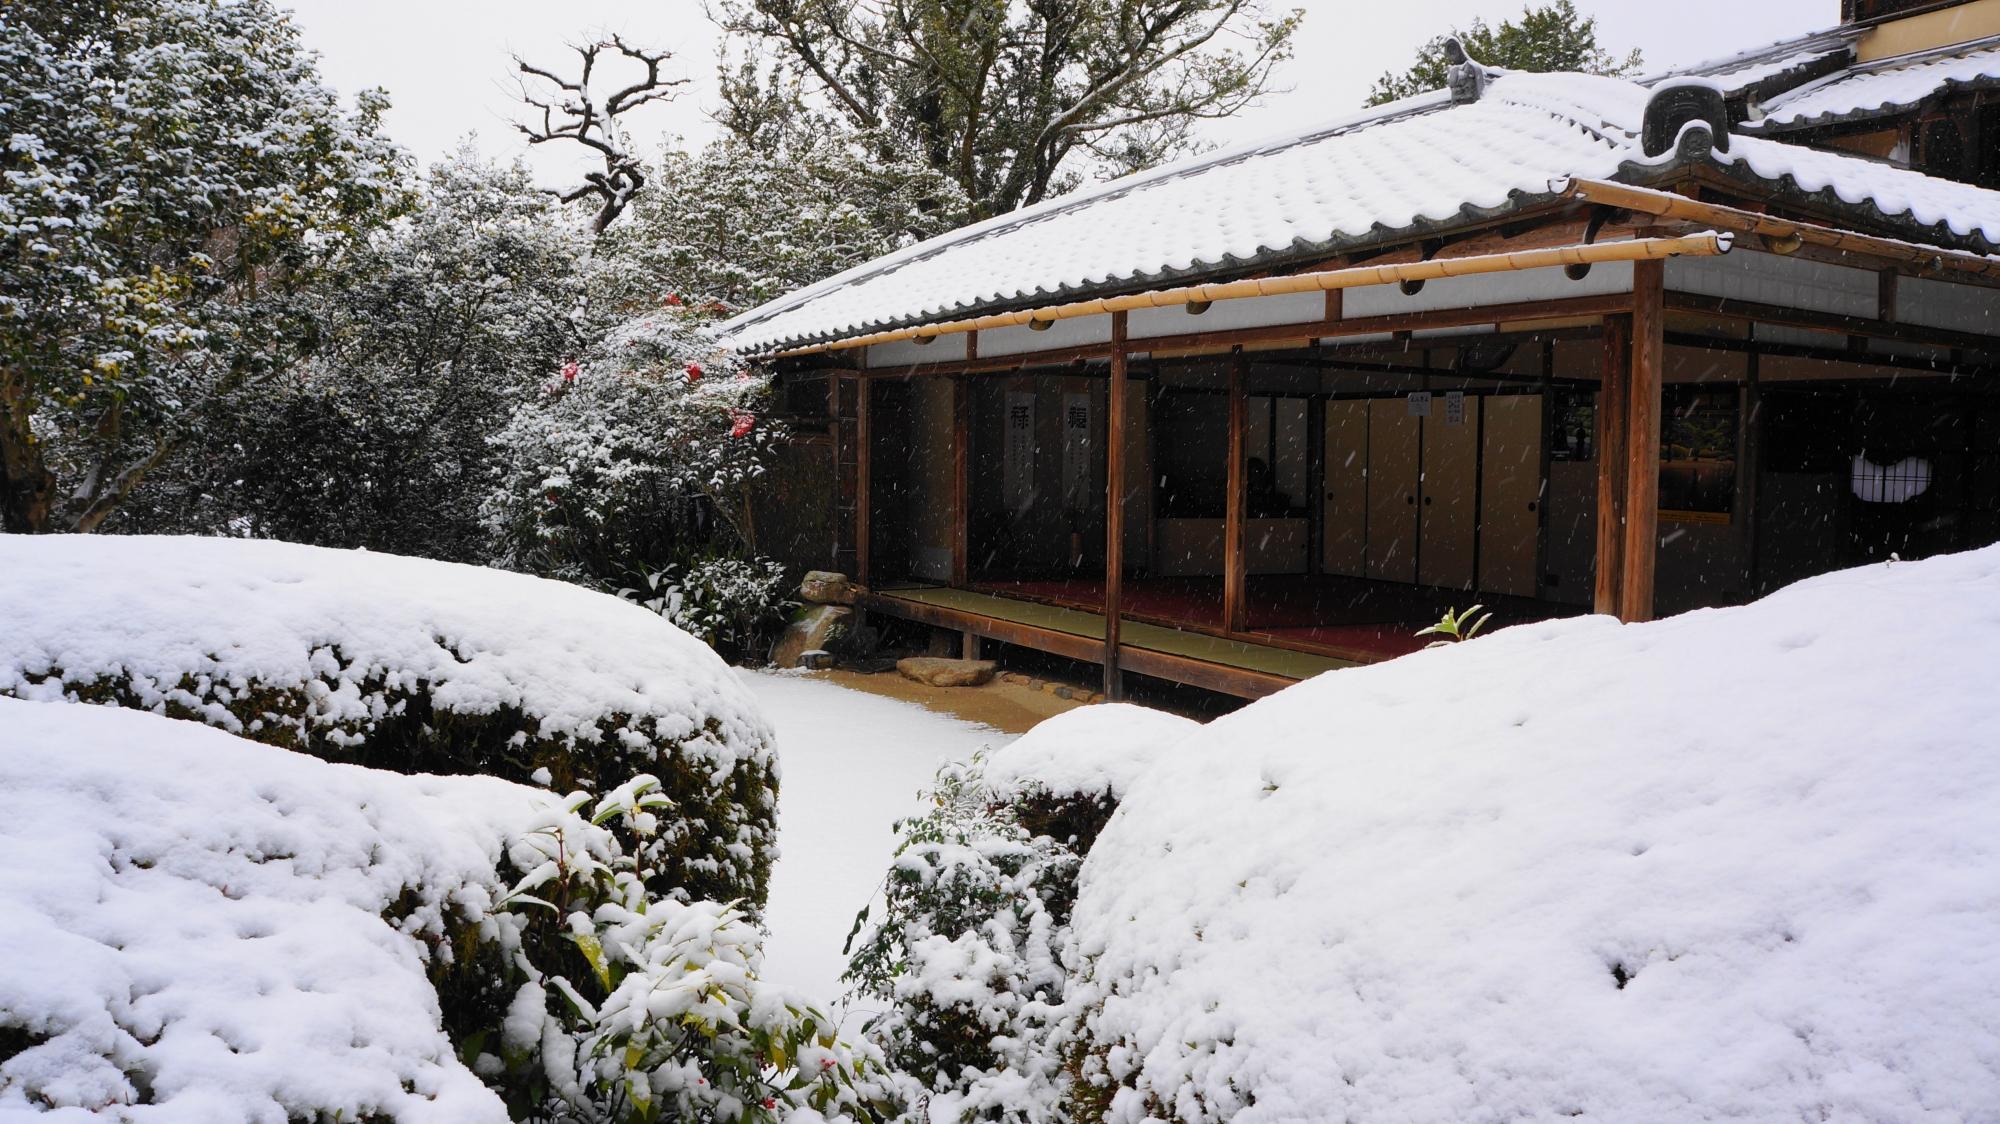 雪につつまれた書院の猟芸巣(至楽巣)